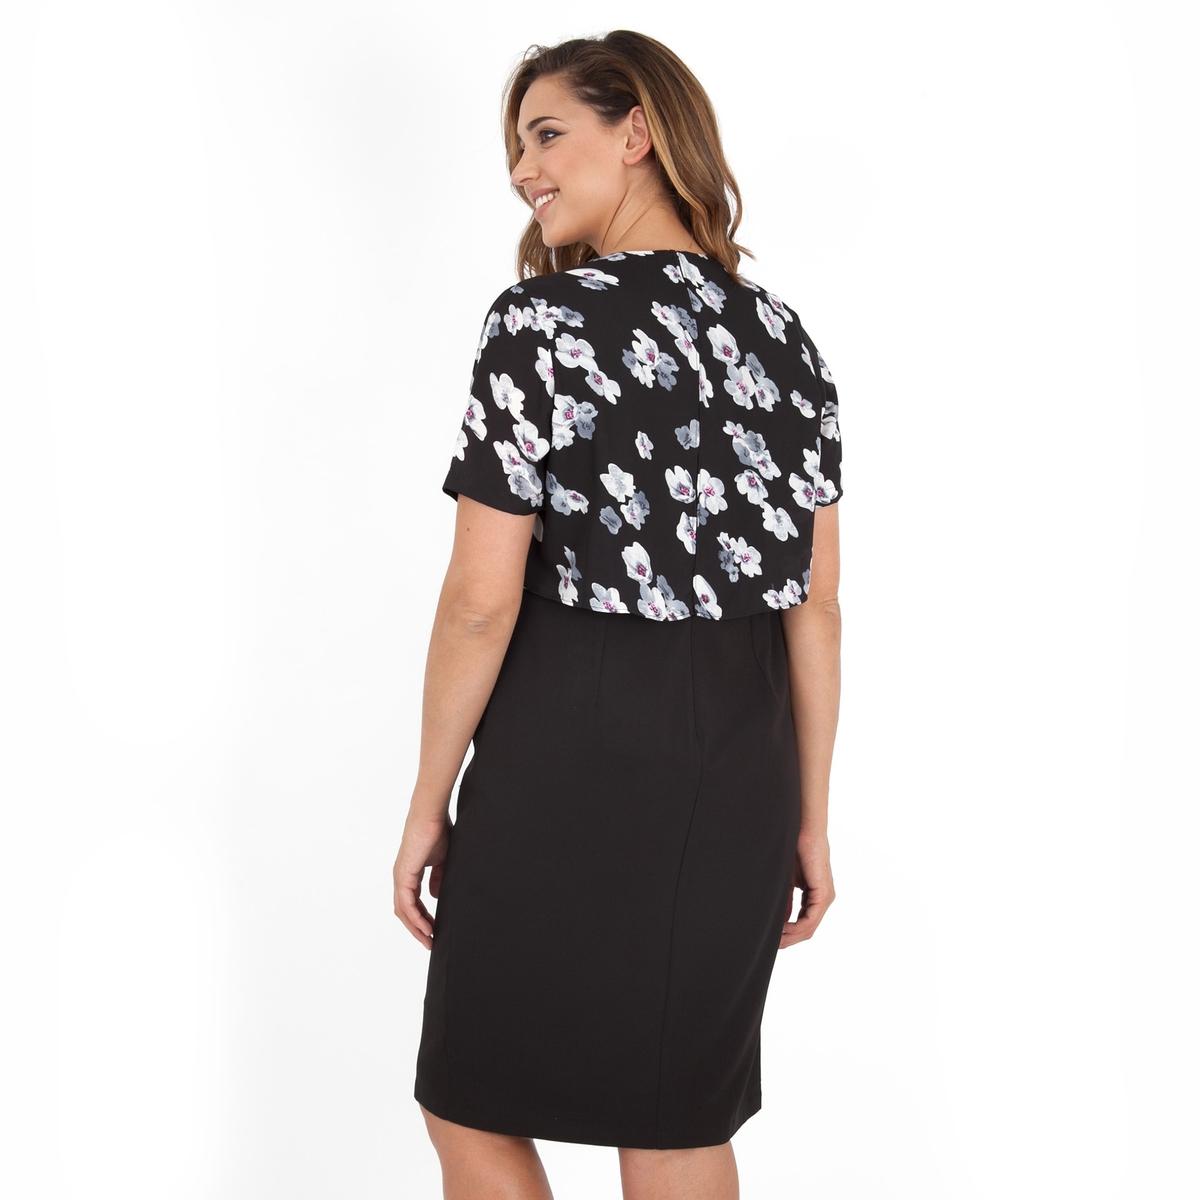 ПлатьеПлатье с короткими рукавами - KOKO BY KOKO. Длина ок.104 см. 100% полиэстера.<br><br>Цвет: набивной рисунок